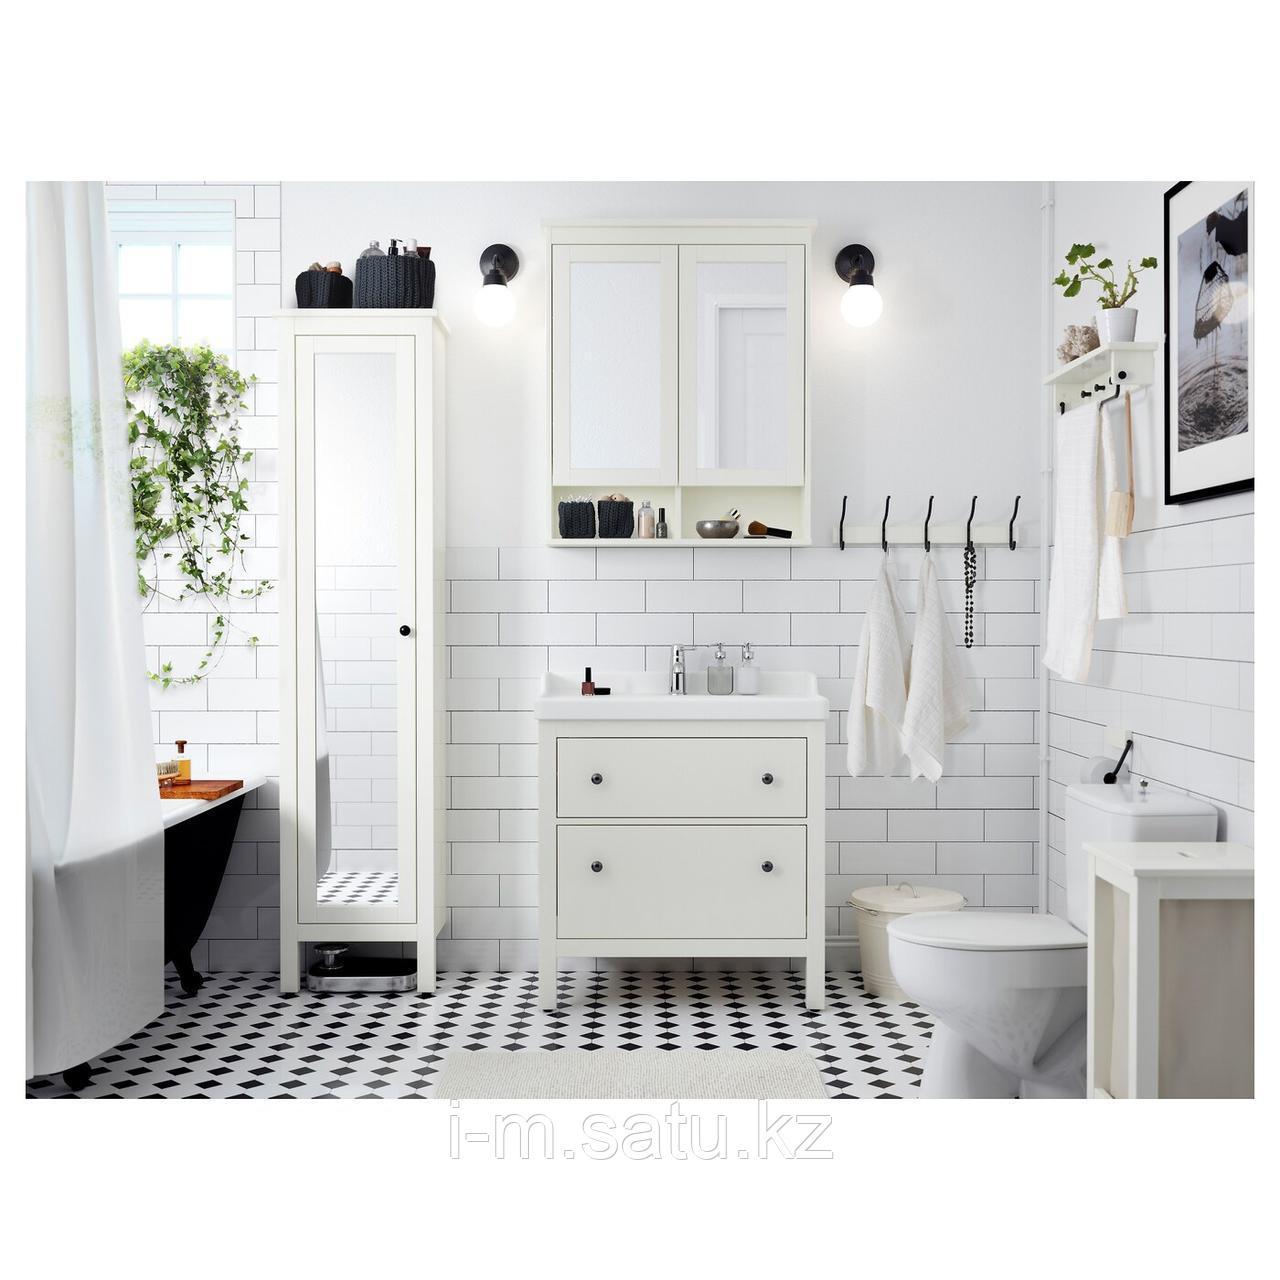 ХЕМНЭС / РЭТТВИКЕН Шкаф для раковины с 2 ящ, белый, РУНШЕР смеситель, 82x49x89 см